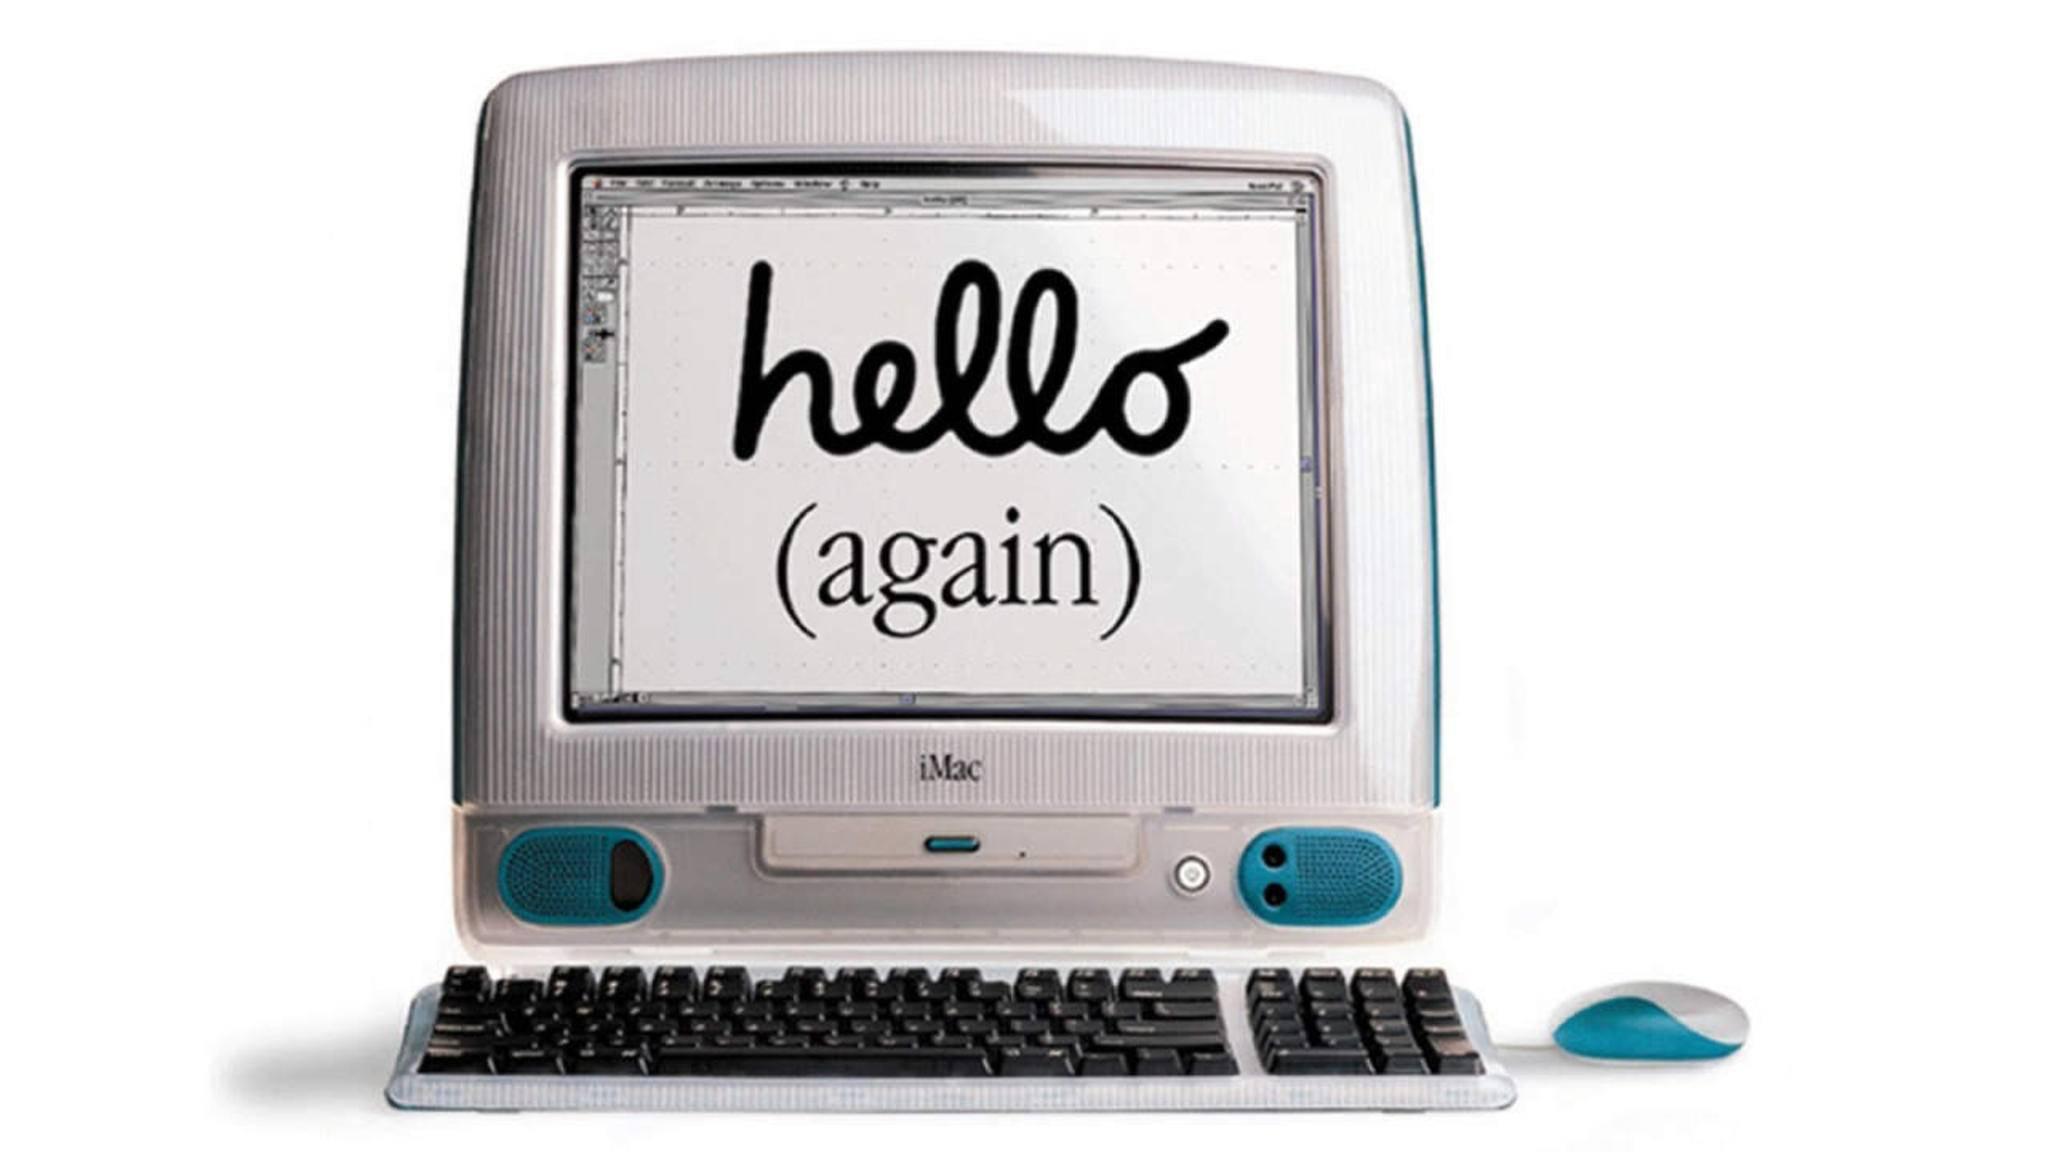 Mit dem iMac gelang Apple vor 20 Jahren der erhoffte Befreiungsschlag.